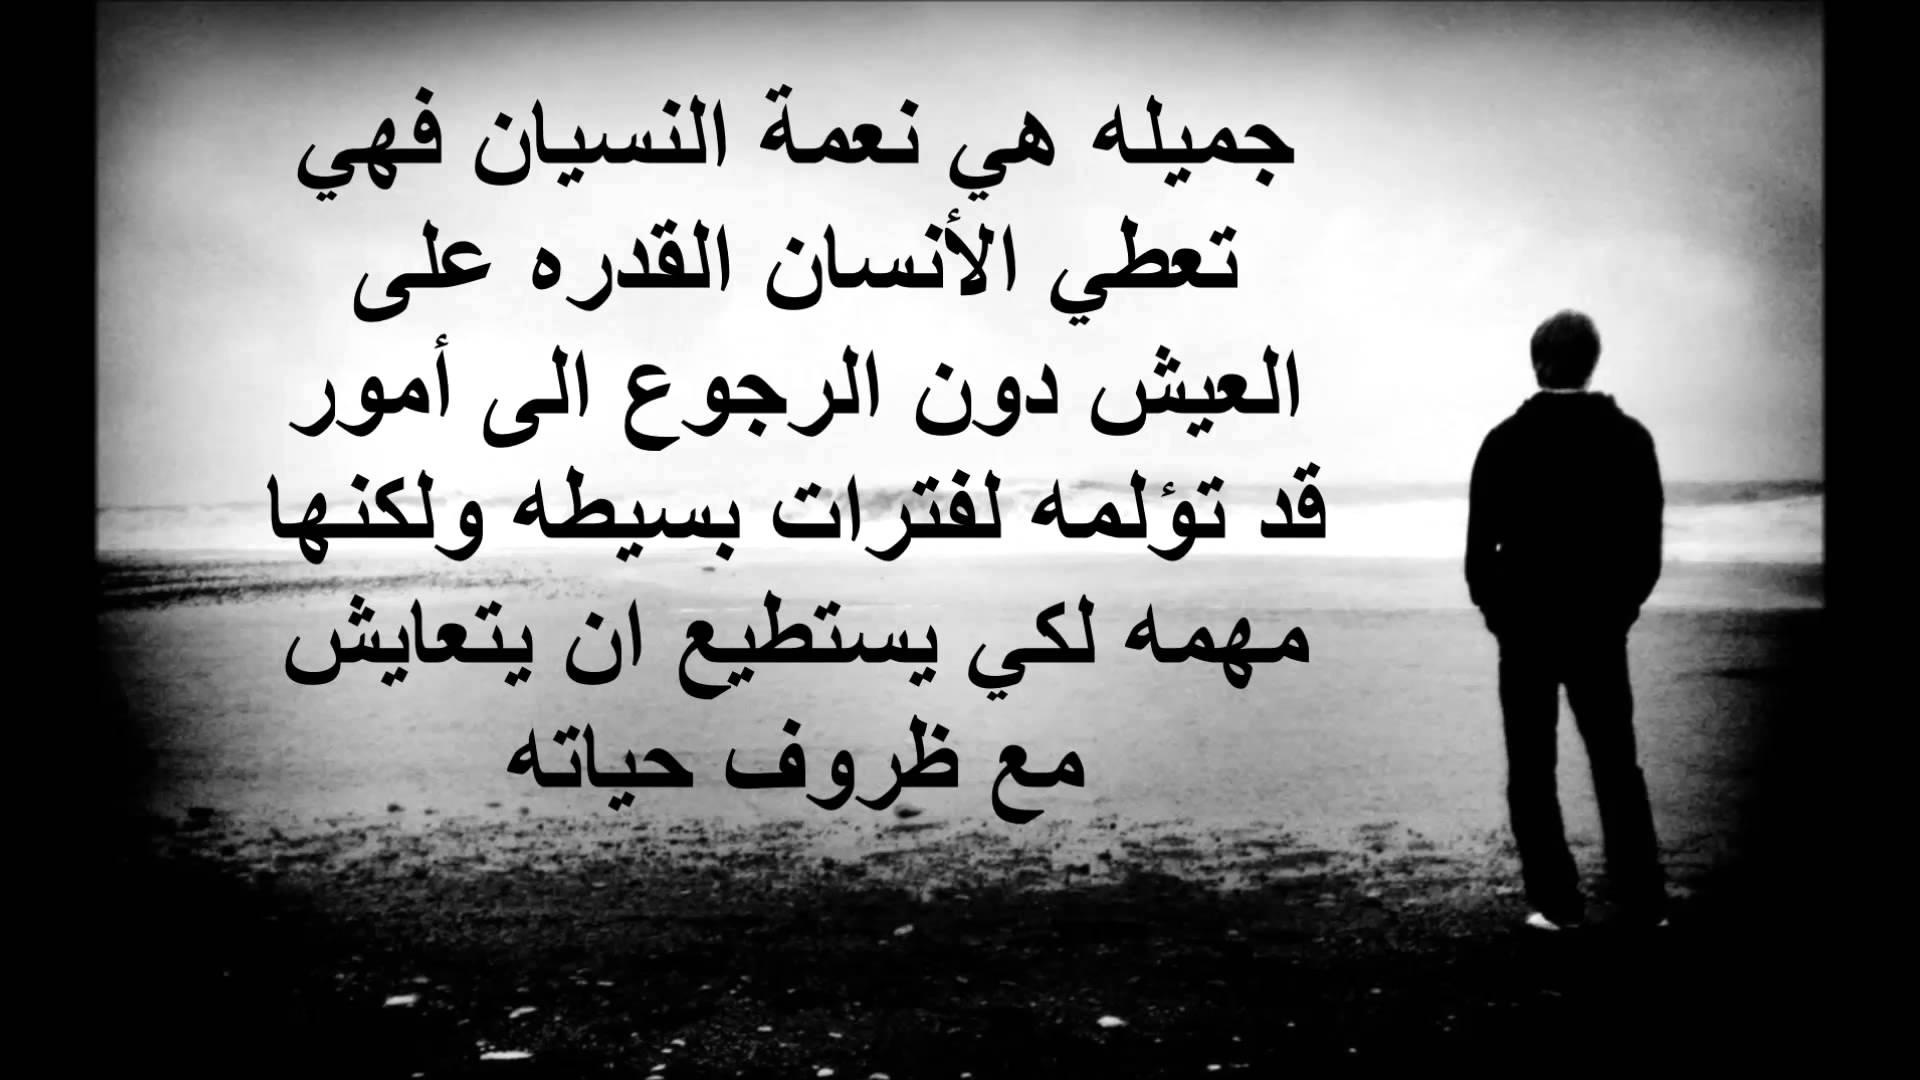 صورة شعر عتاب للحبيب , شاهد بالصور اجمل انواع العتاب